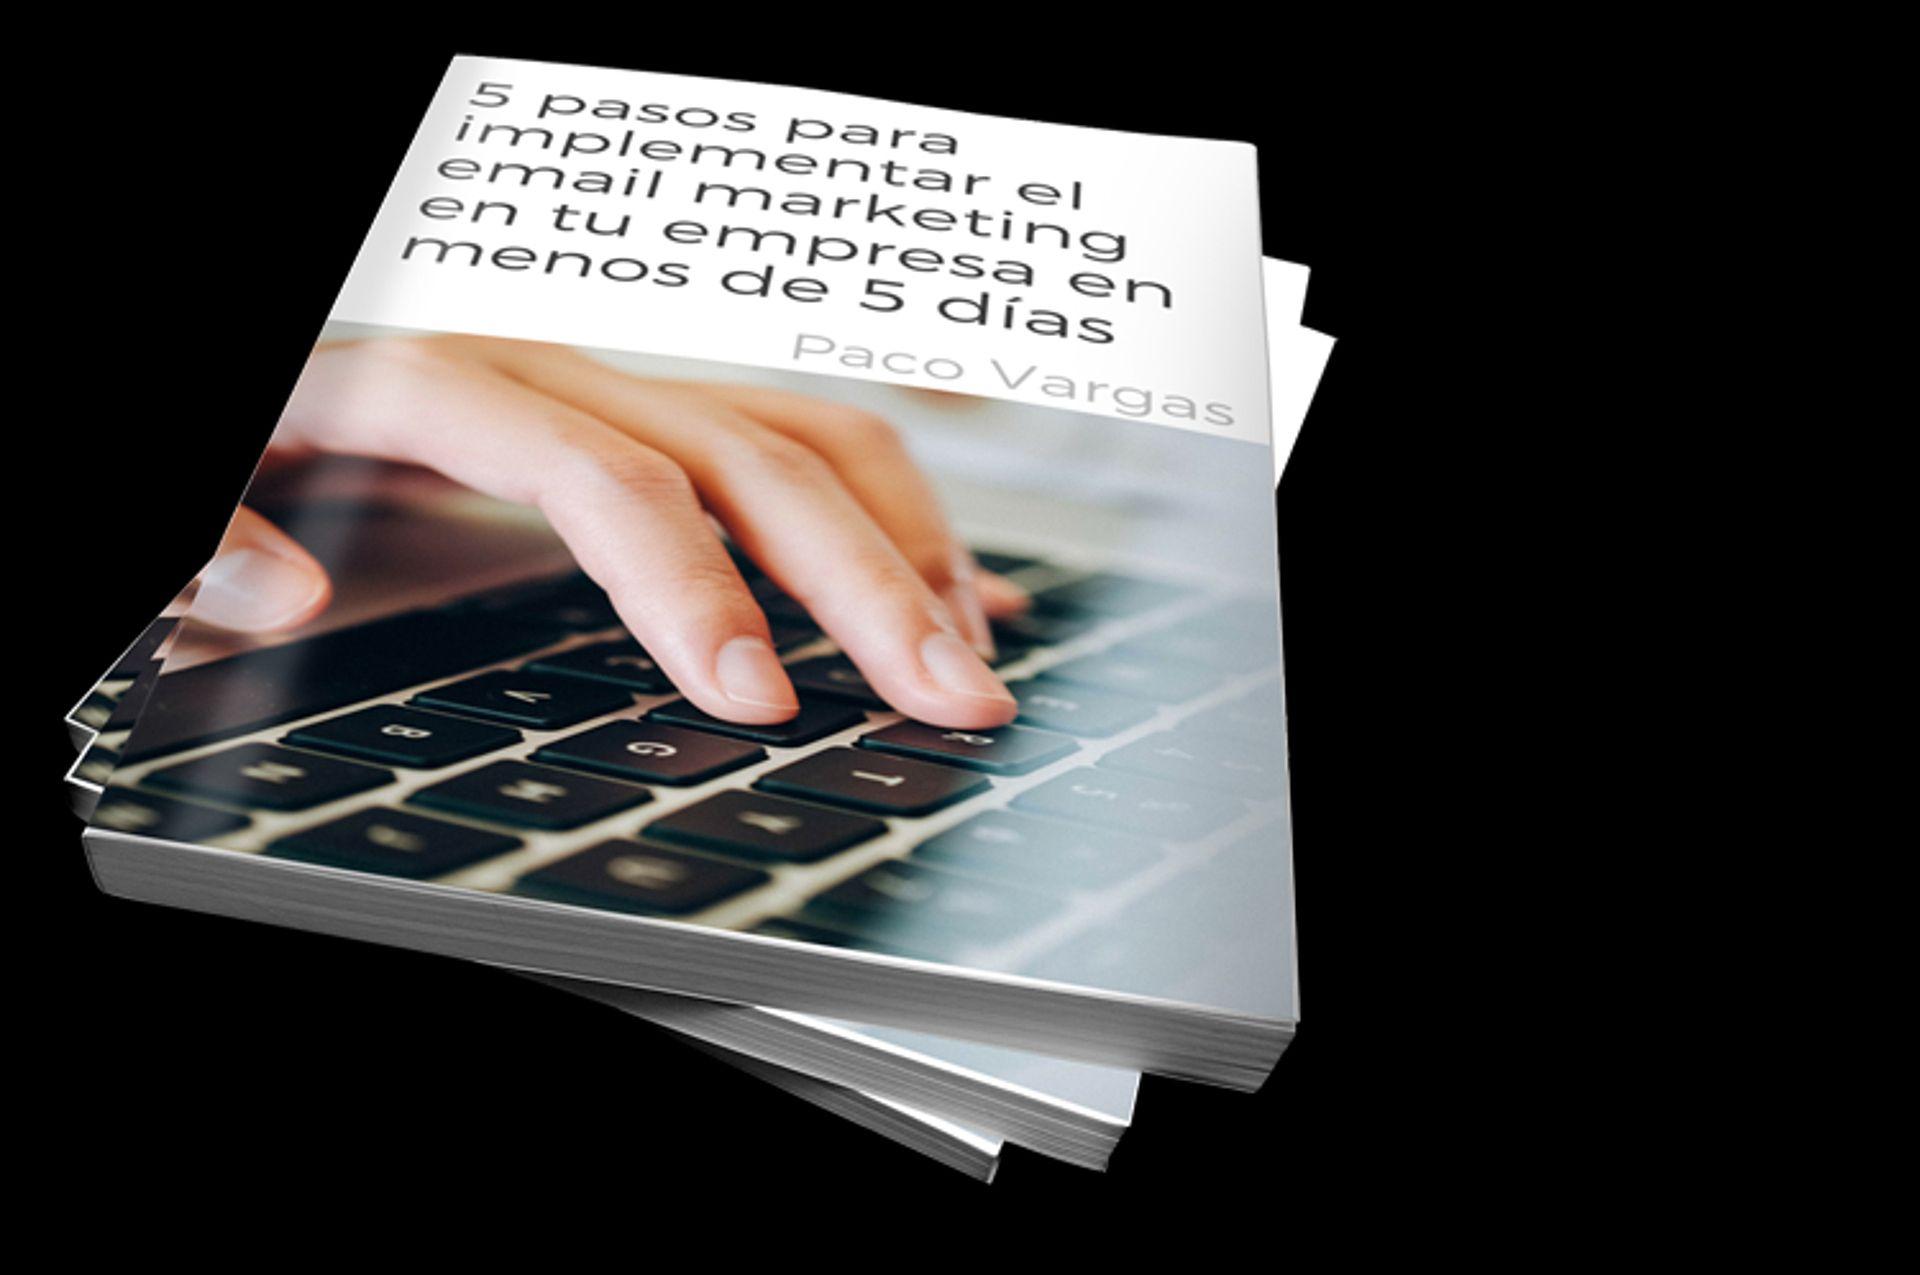 [portada 3D] 1920x1275 [fondo negro] 5 pasos para implementar el email marketing en tu empresa en menos de 5 días